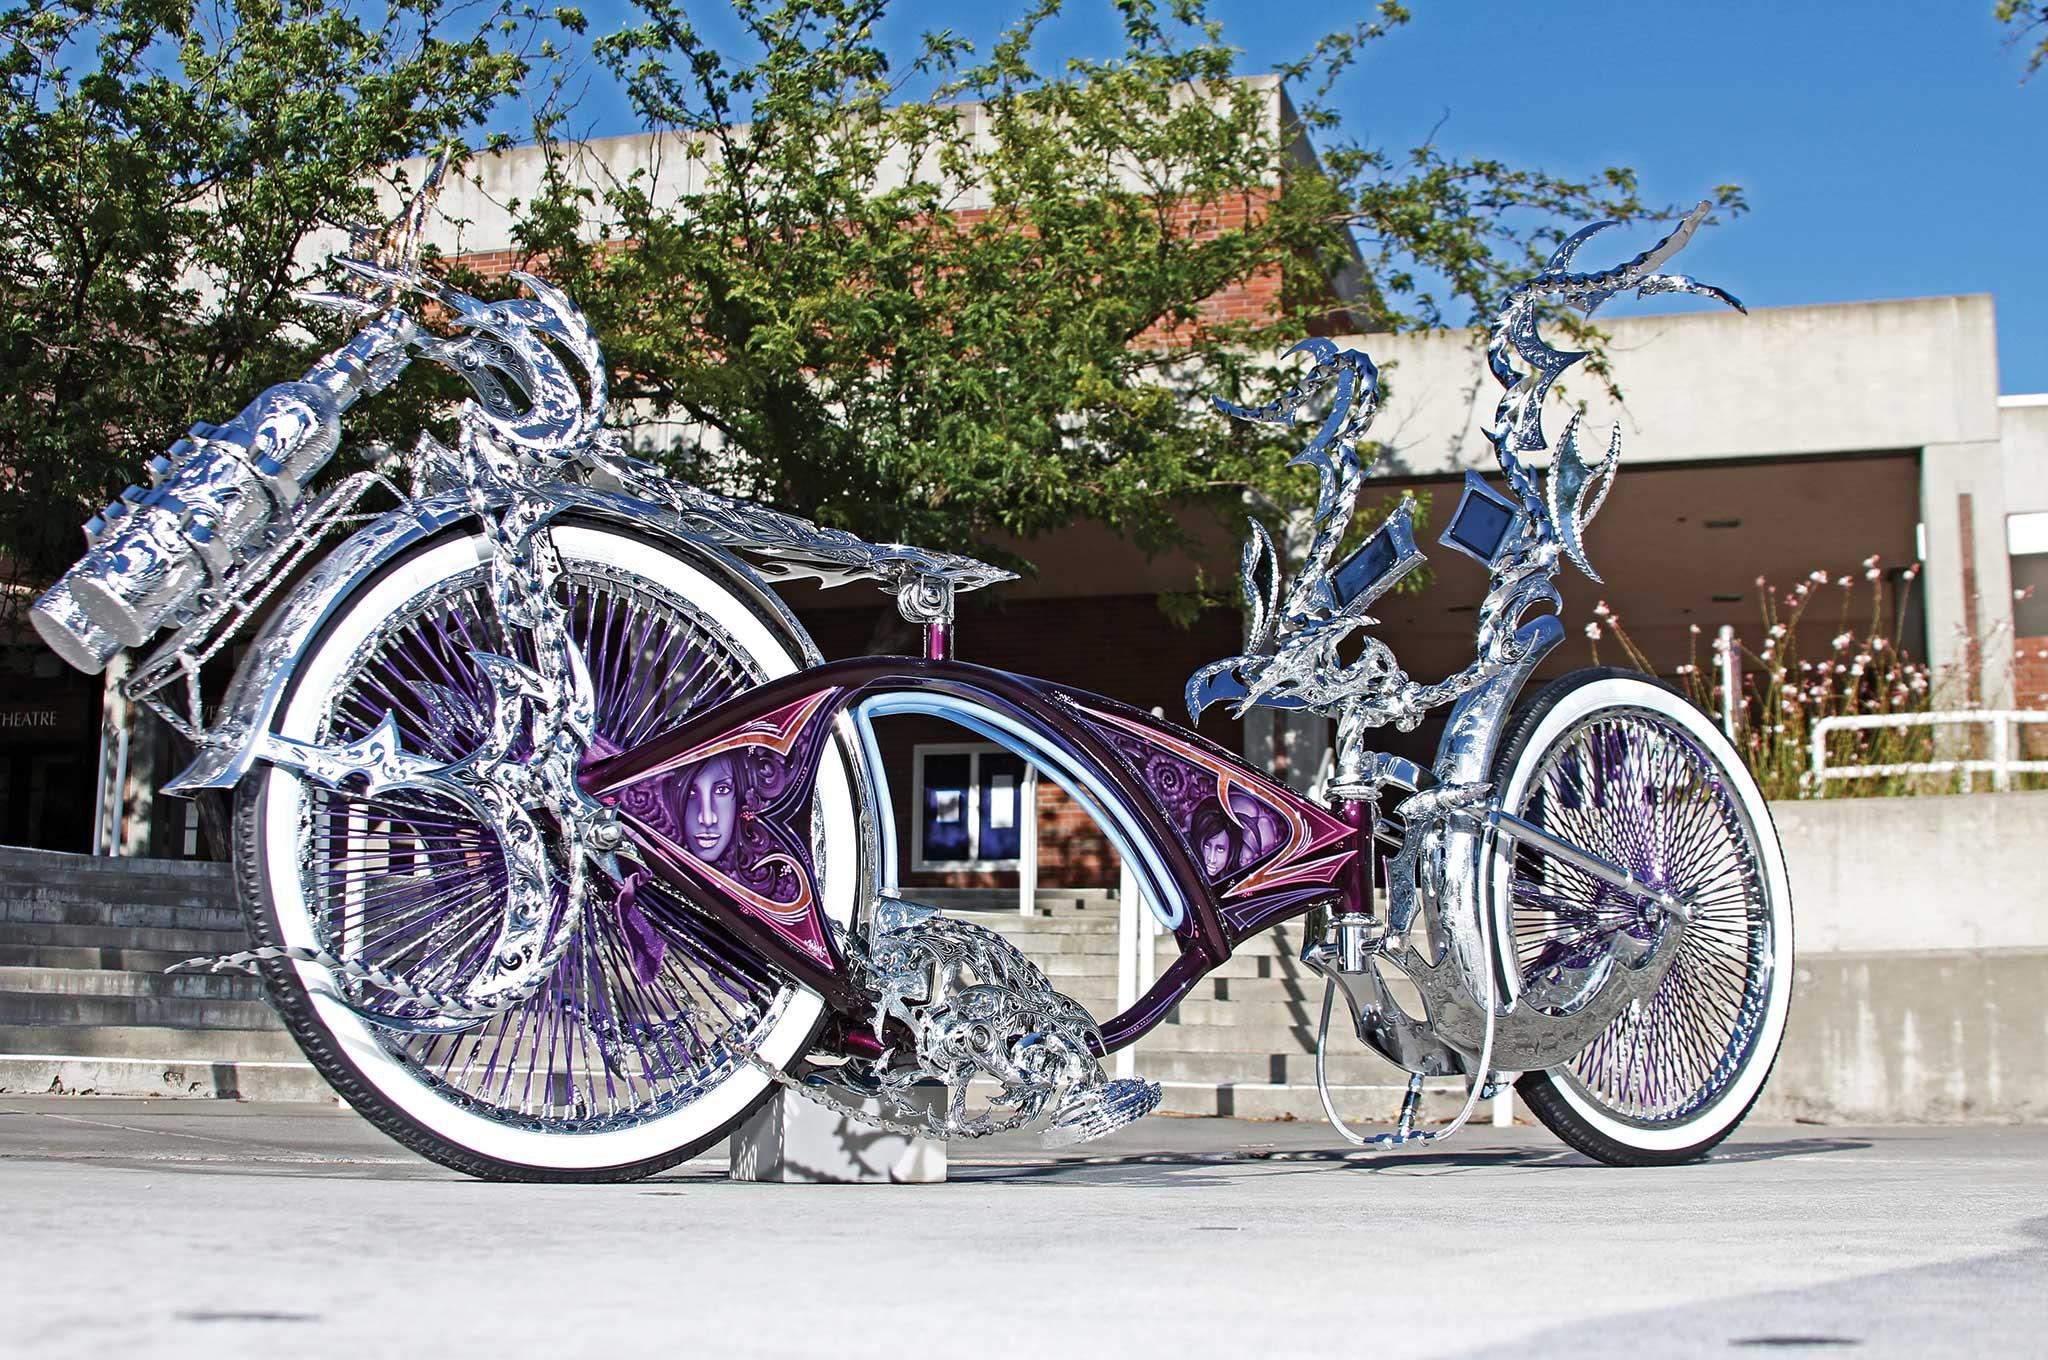 001 1967 schwinn bicycle lowrider bicycle